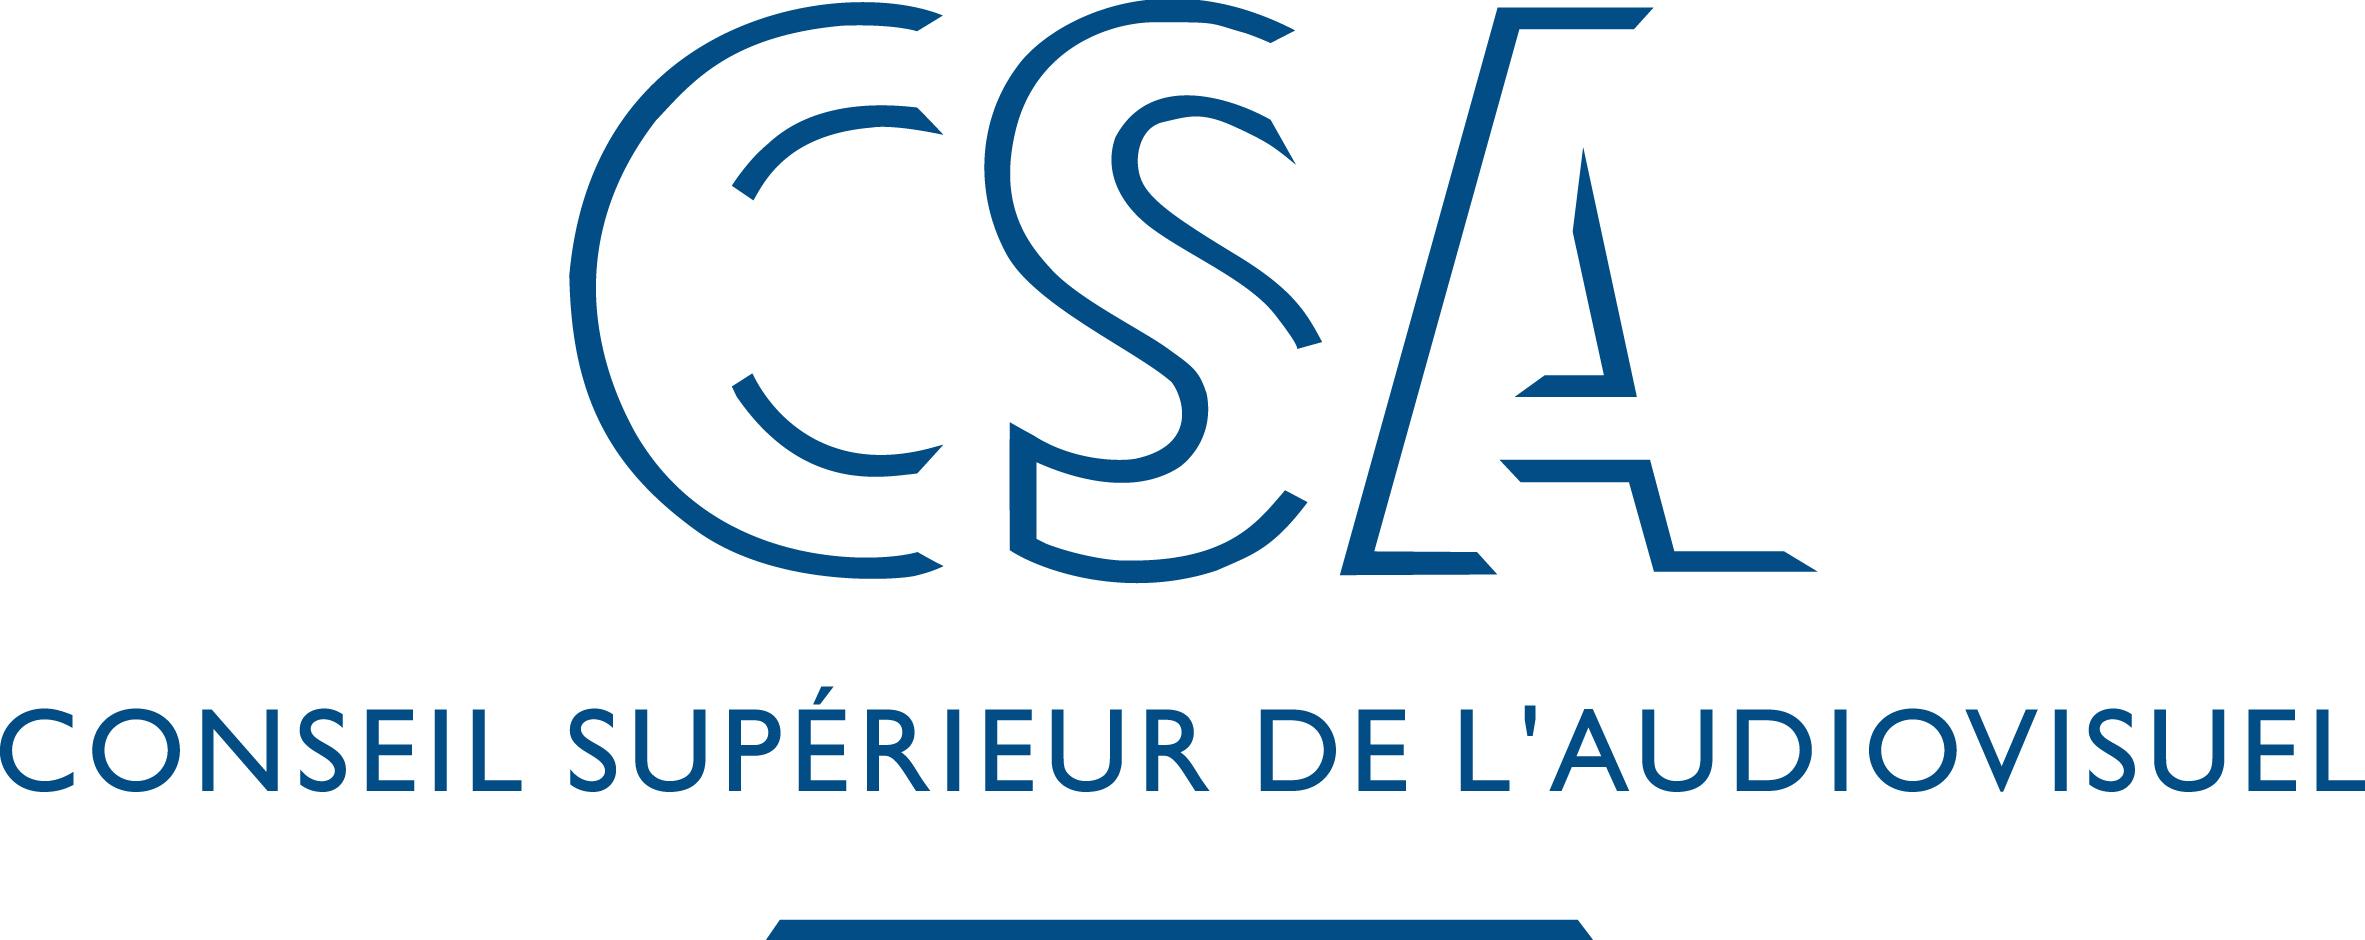 Plusieurs radios mises en demeure par le CSA